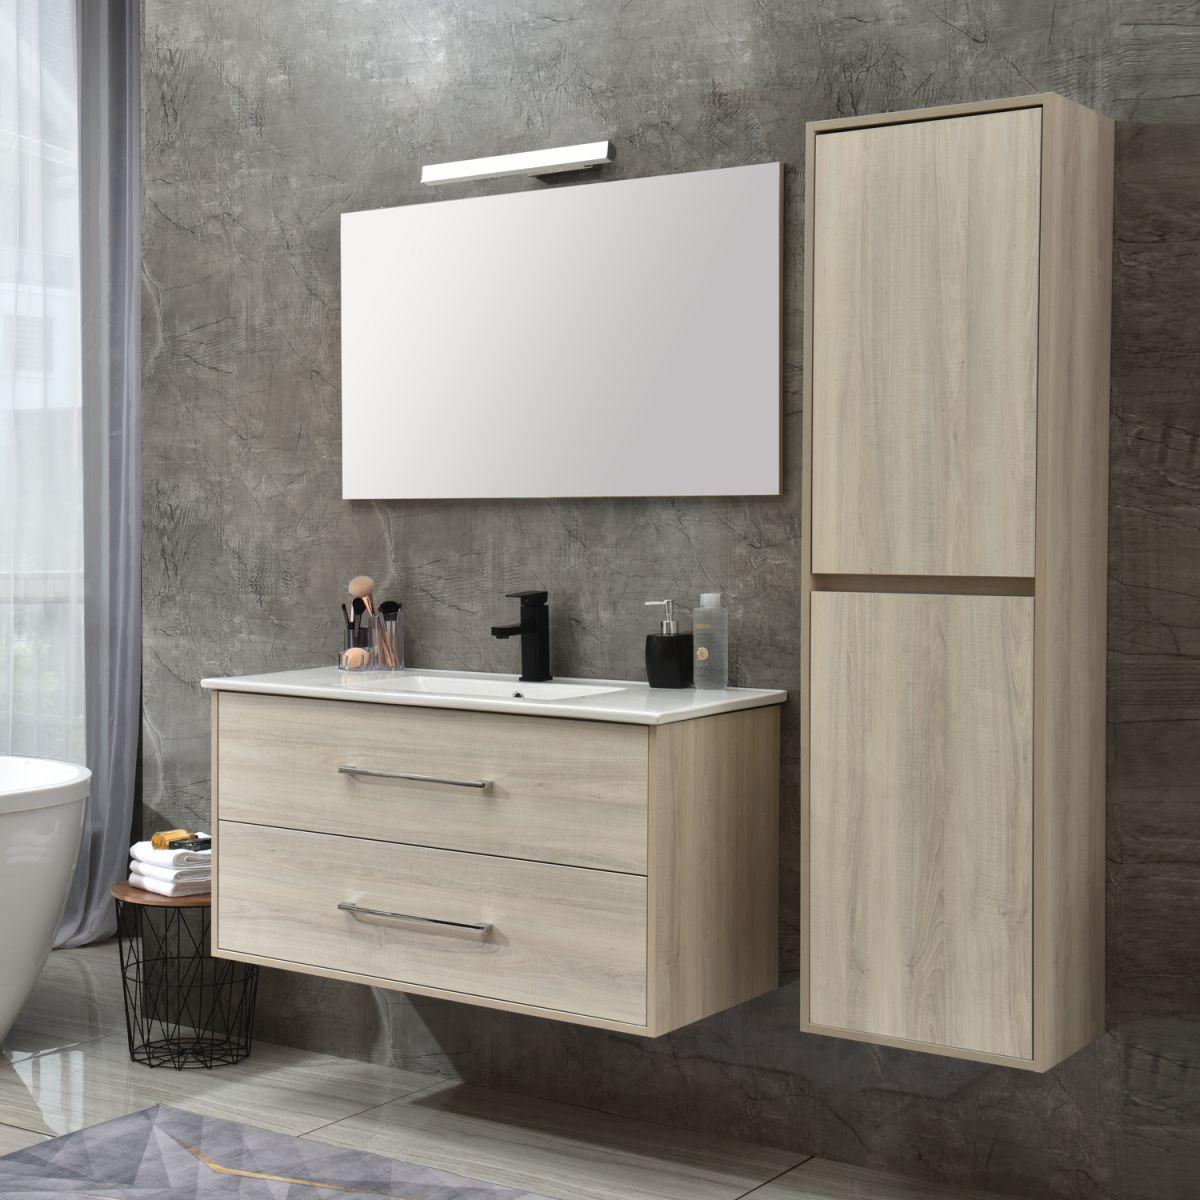 MF 1805 2 W 2 Mobile bagno Praga sospeso 120 cm bianco effetto legno con lavabo,specchio e colonna pensile